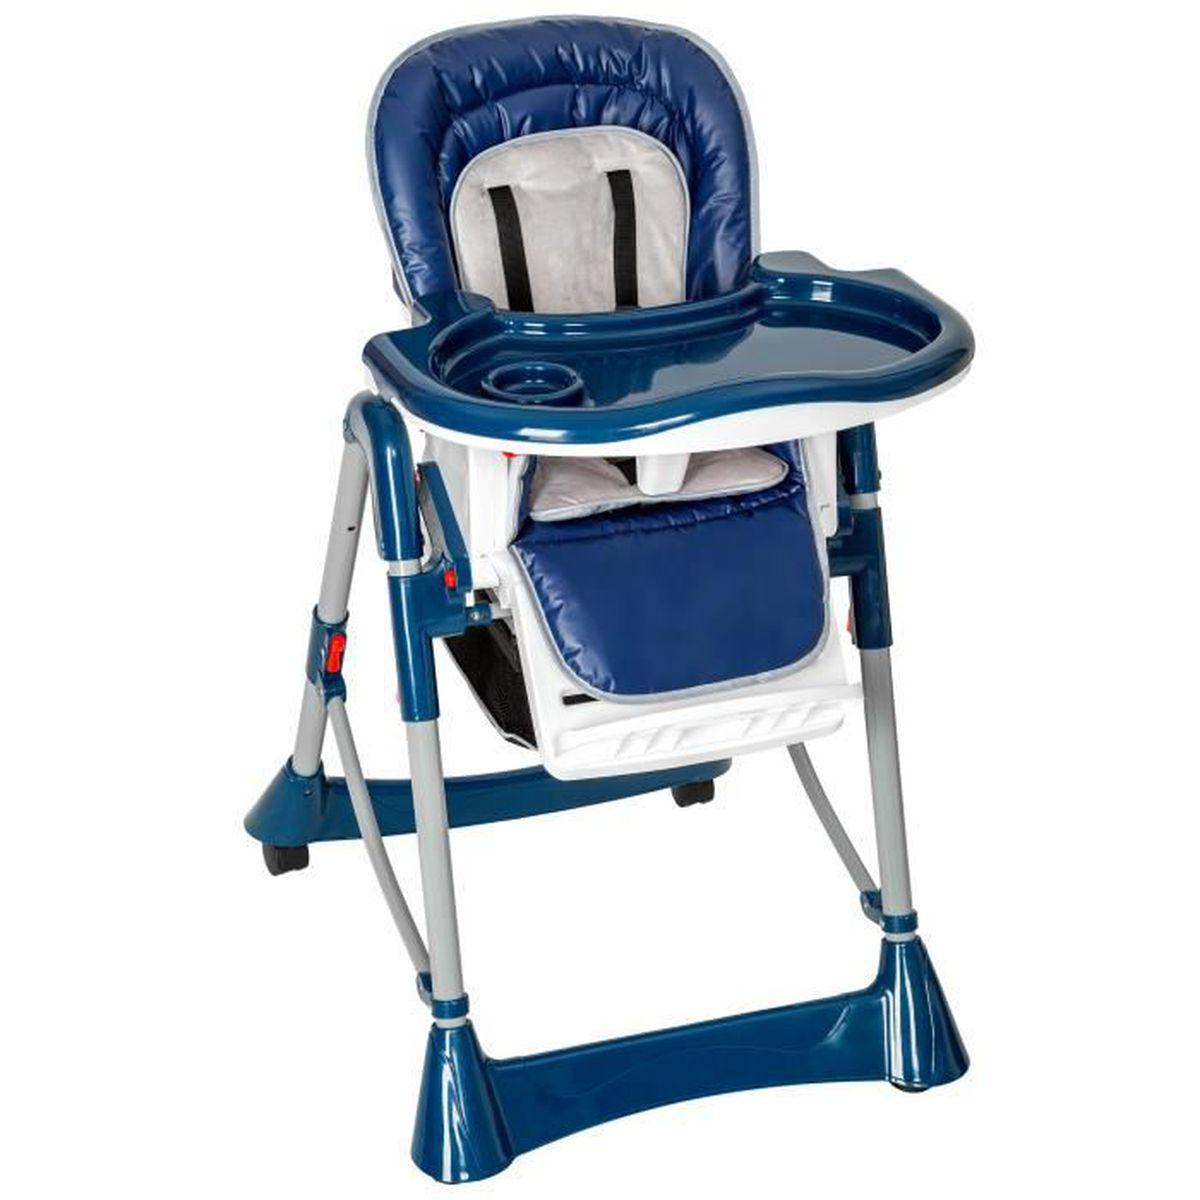 chaise haute bebe minnie - achat / vente chaise haute bebe minnie ... - Location Chaise Haute Bebe